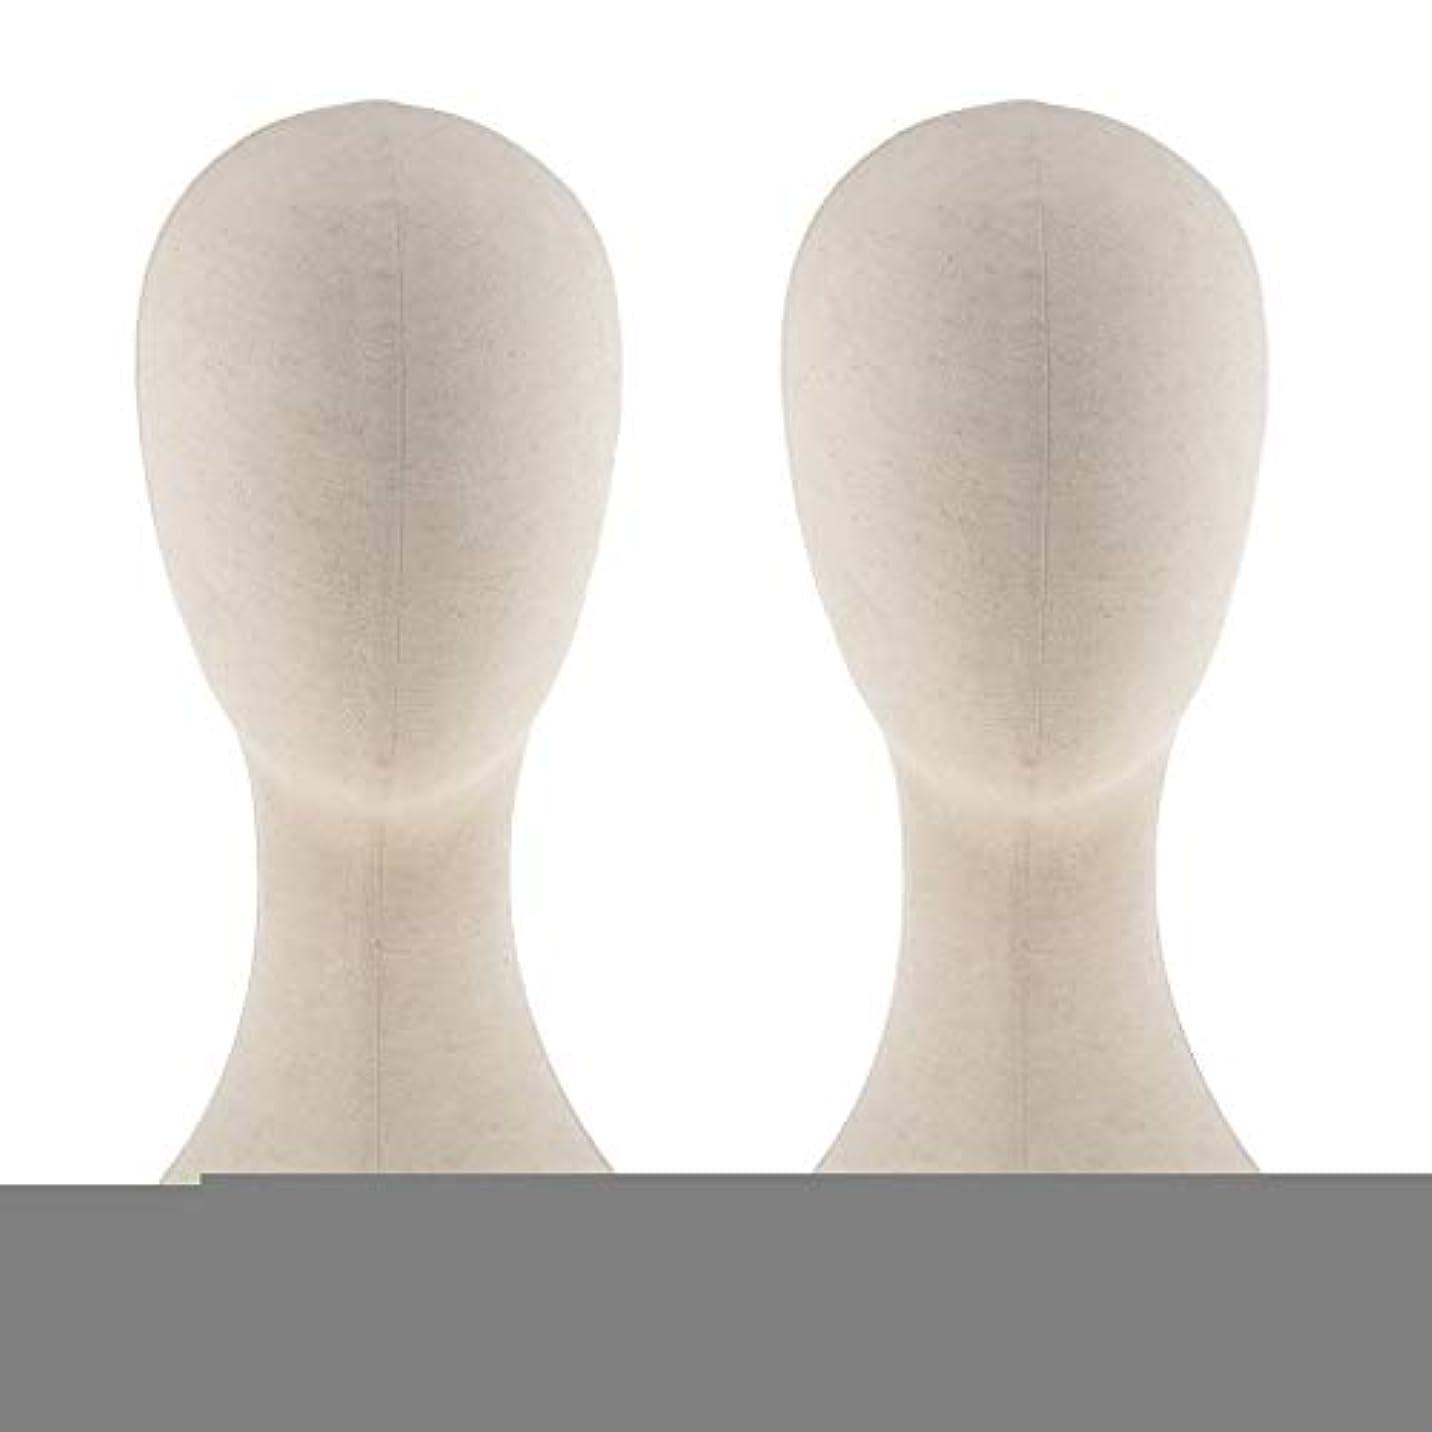 下位貸す複製T TOOYFUL キャンバス マネキン ヘッド トルソー 頭 カット練習 頭部 女性 ウィッグマネキン ウィッグスタンド2個